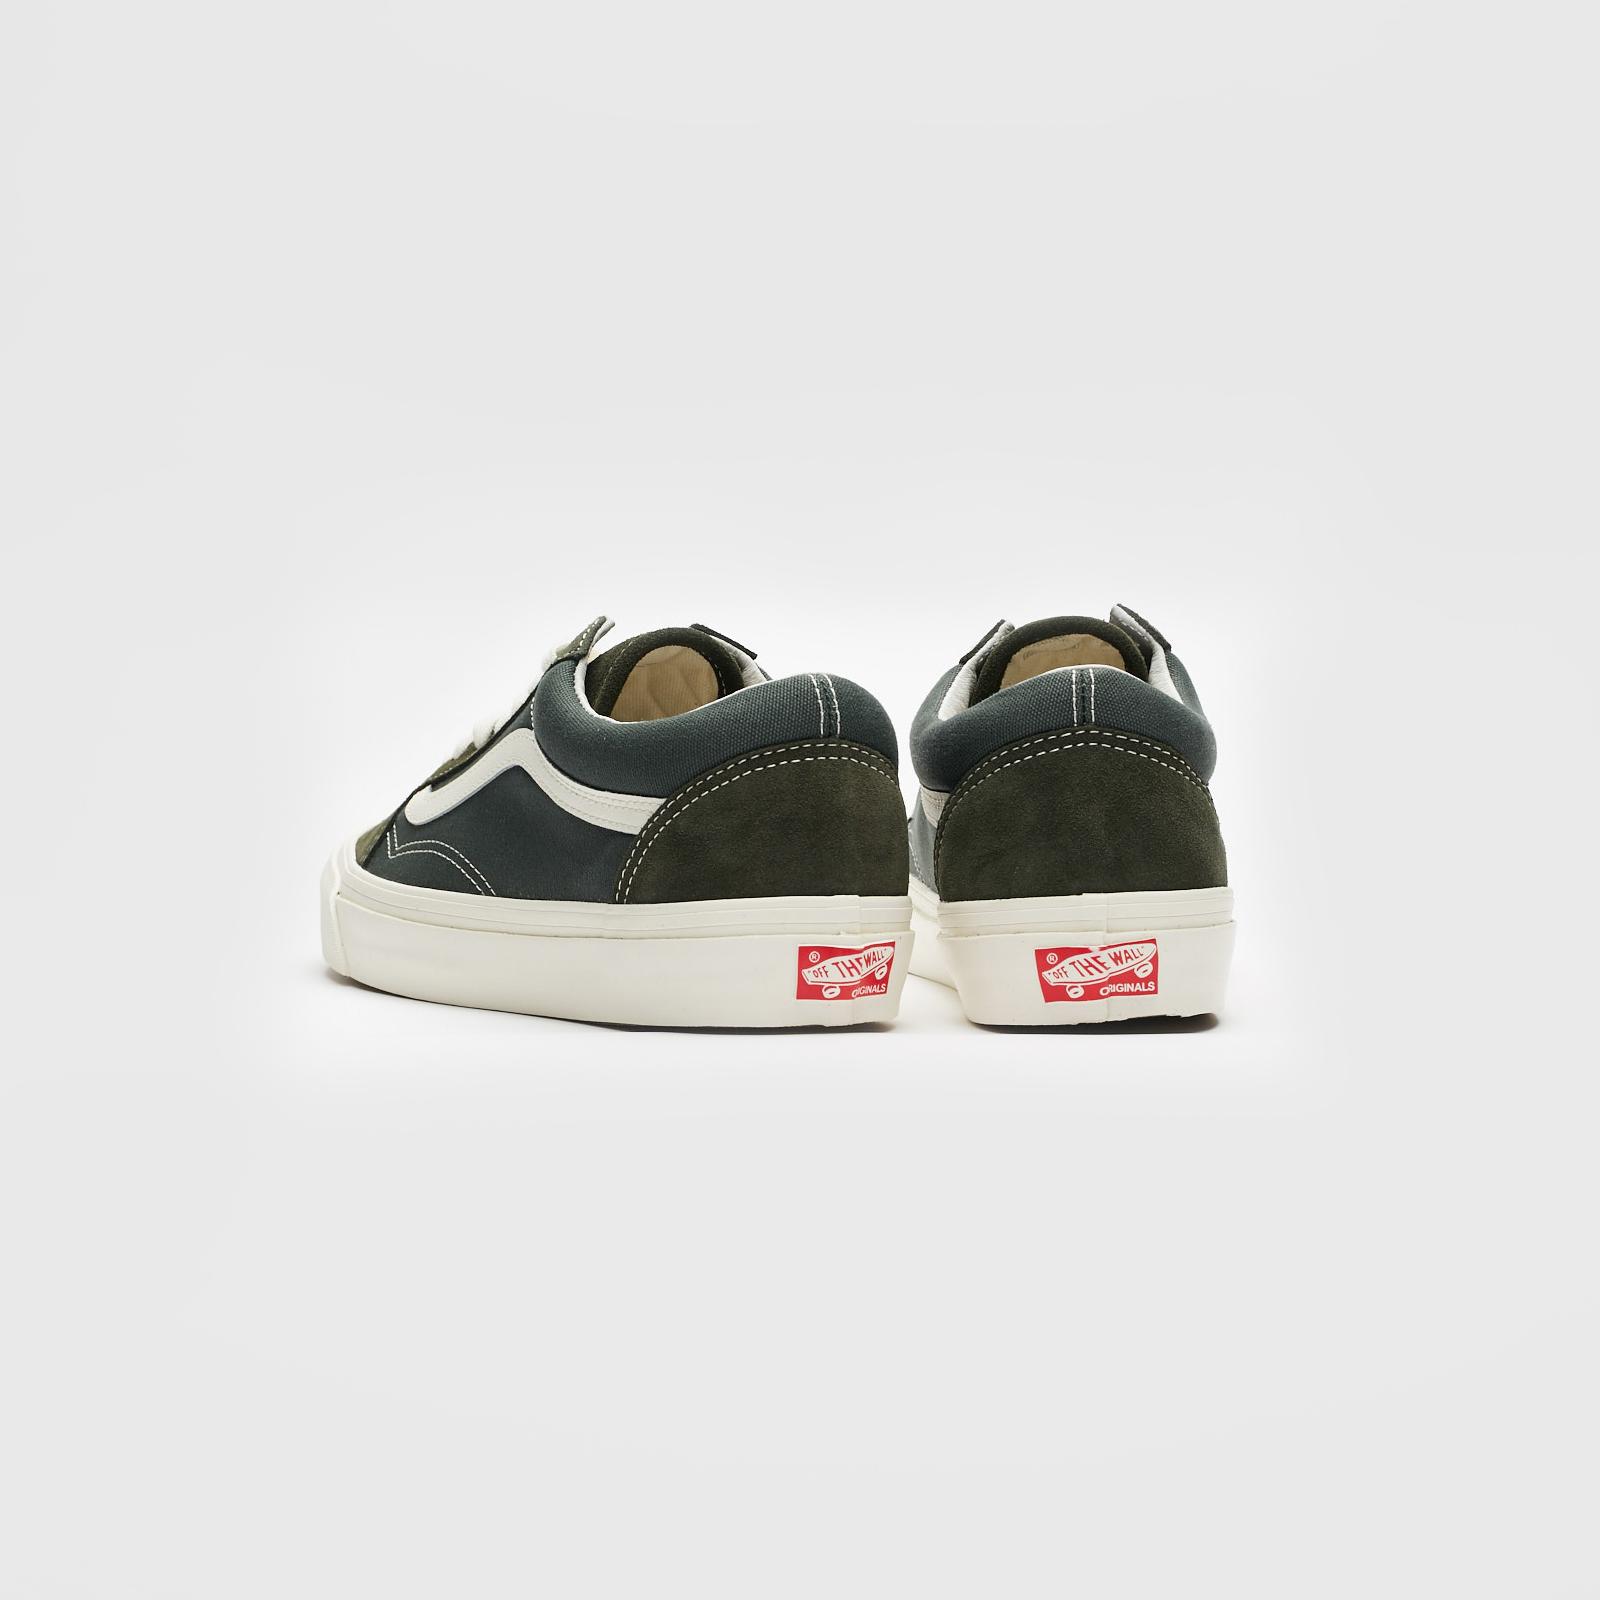 03265a1892d Vans UA OG Old Skool LX - Va36c8u9q - Sneakersnstuff